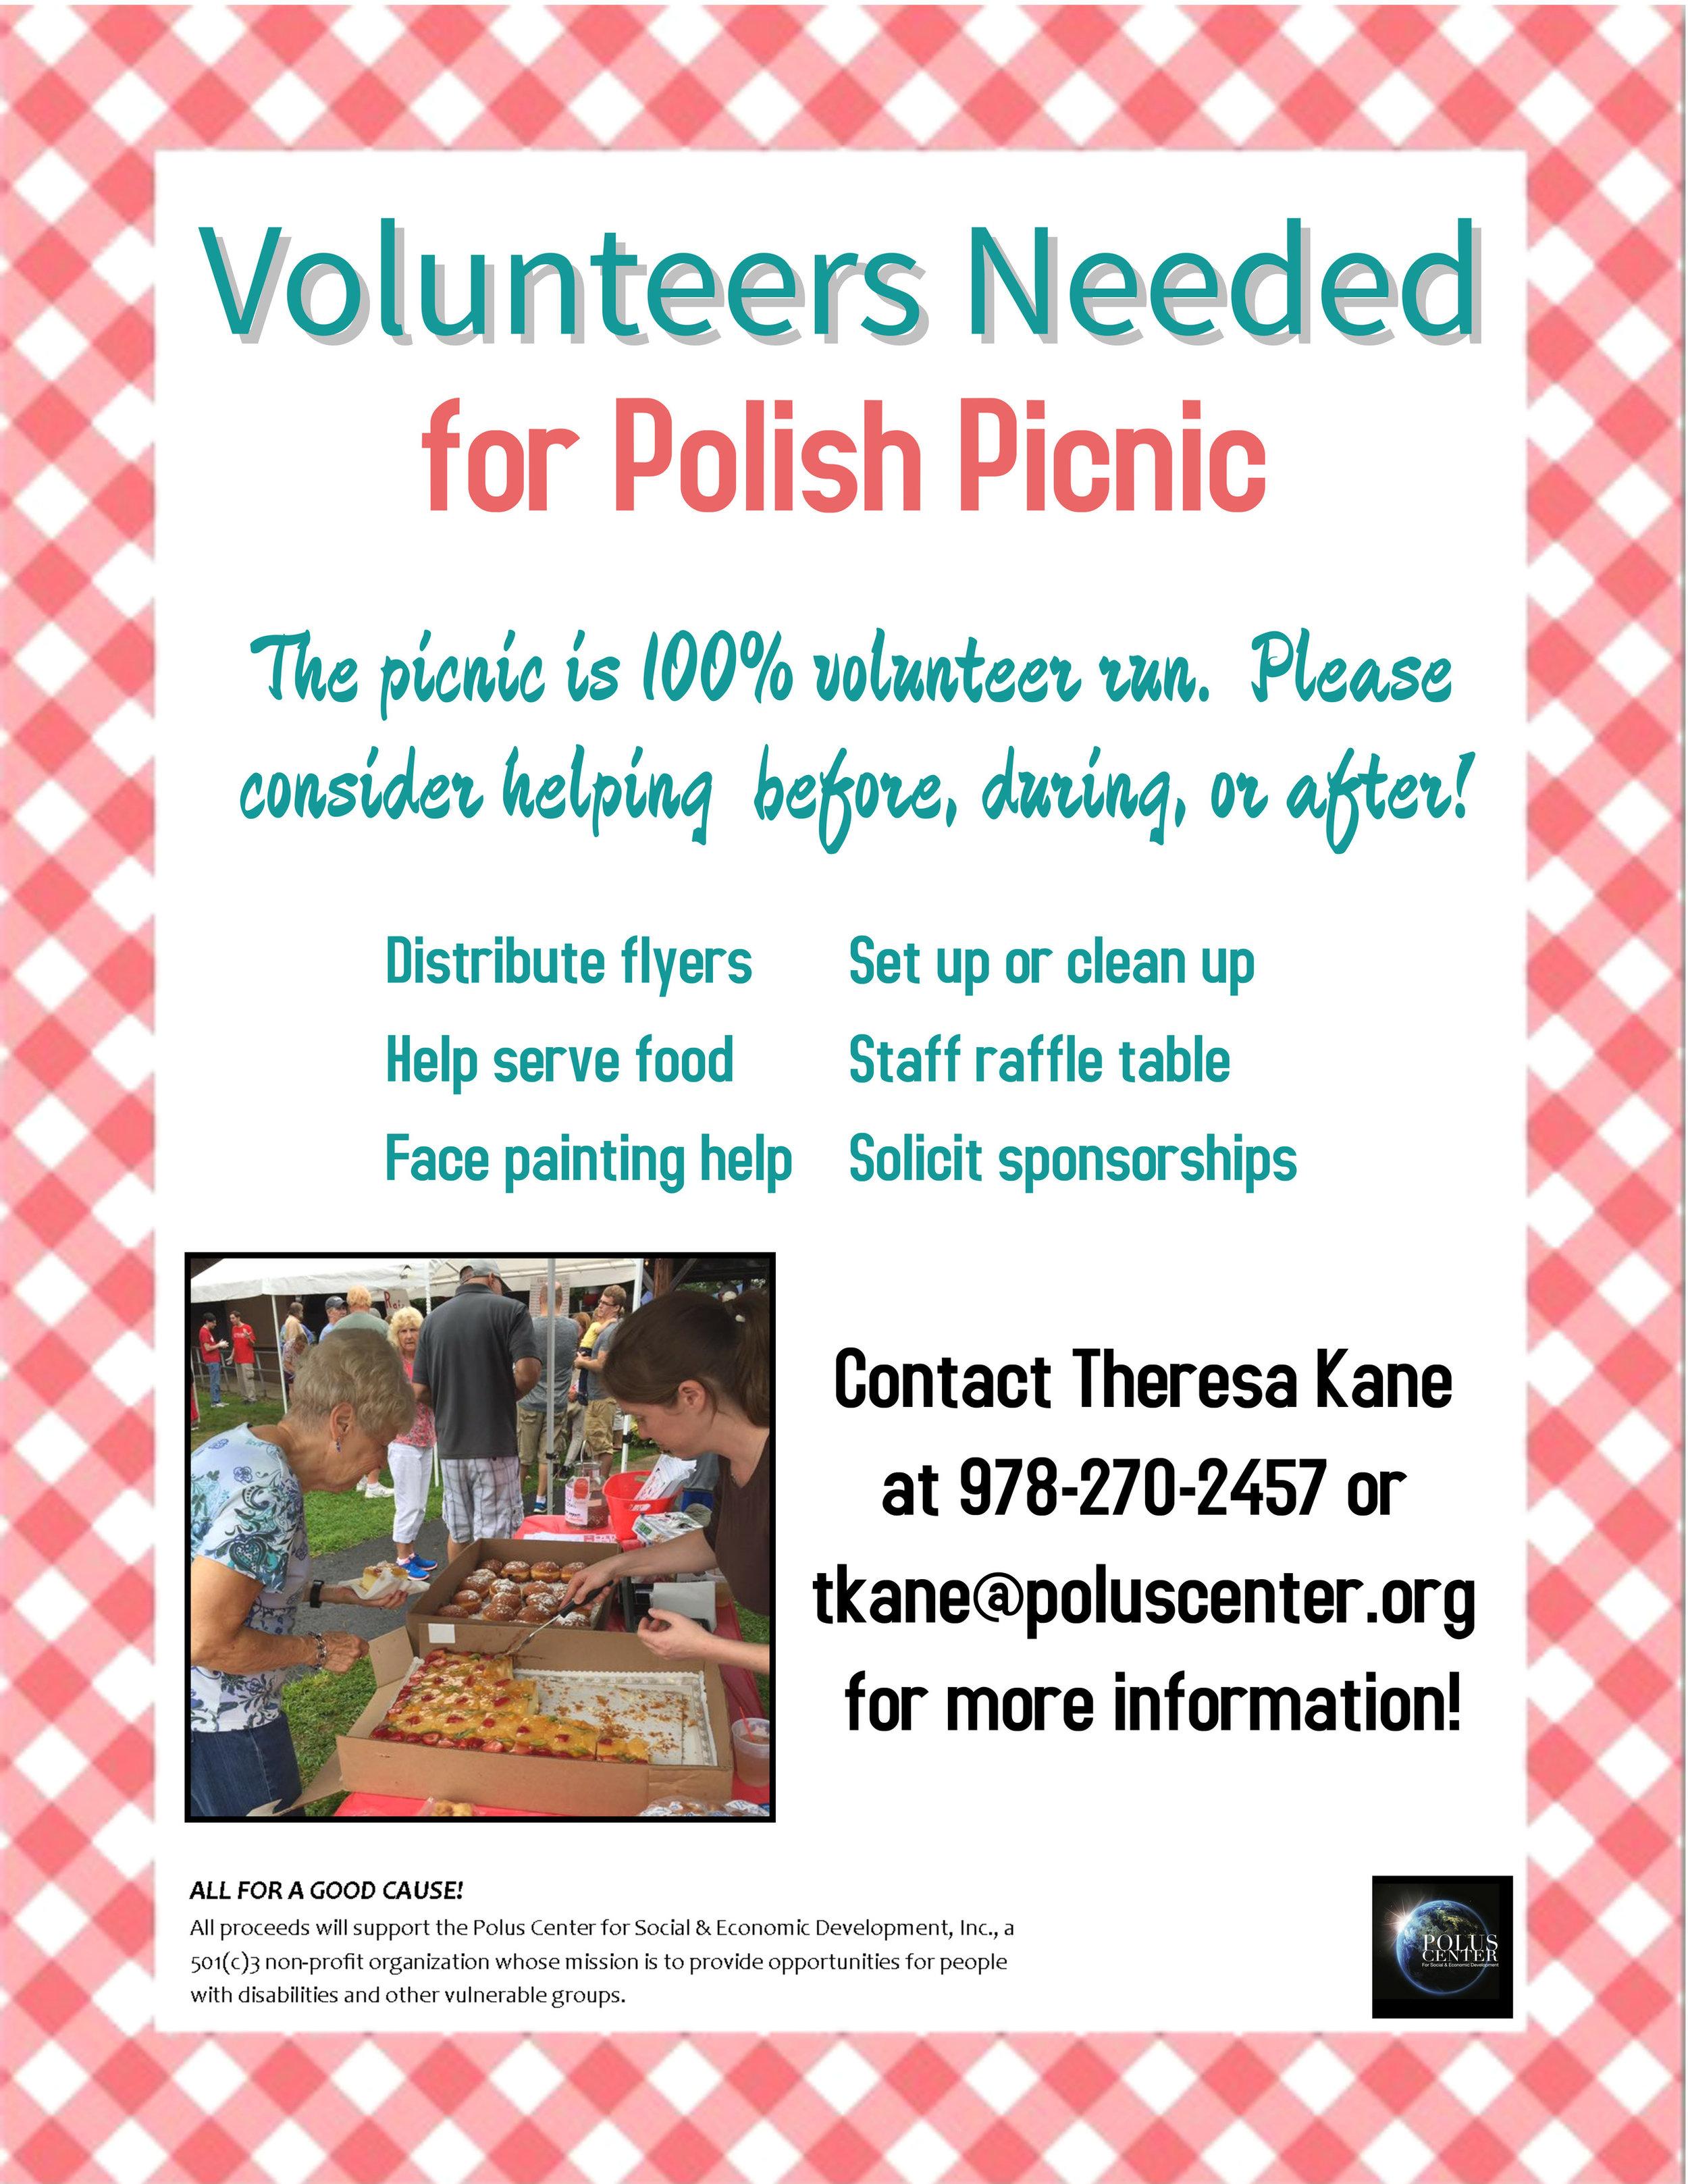 Updated+volunteer+flyer+5.19.18.jpg